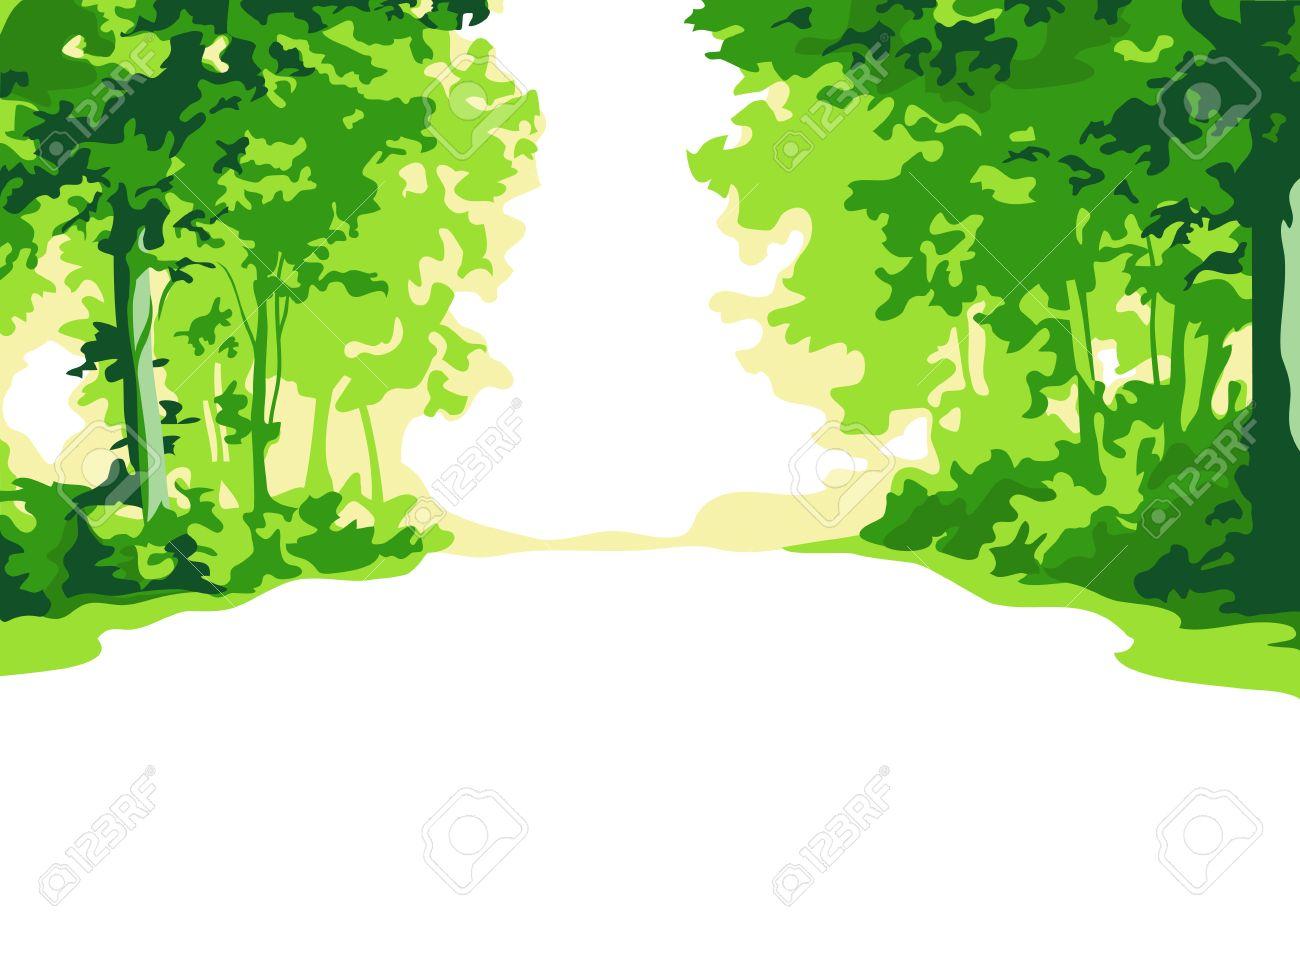 緑の夏の森の背景のイラスト素材ベクタ Image 6329282